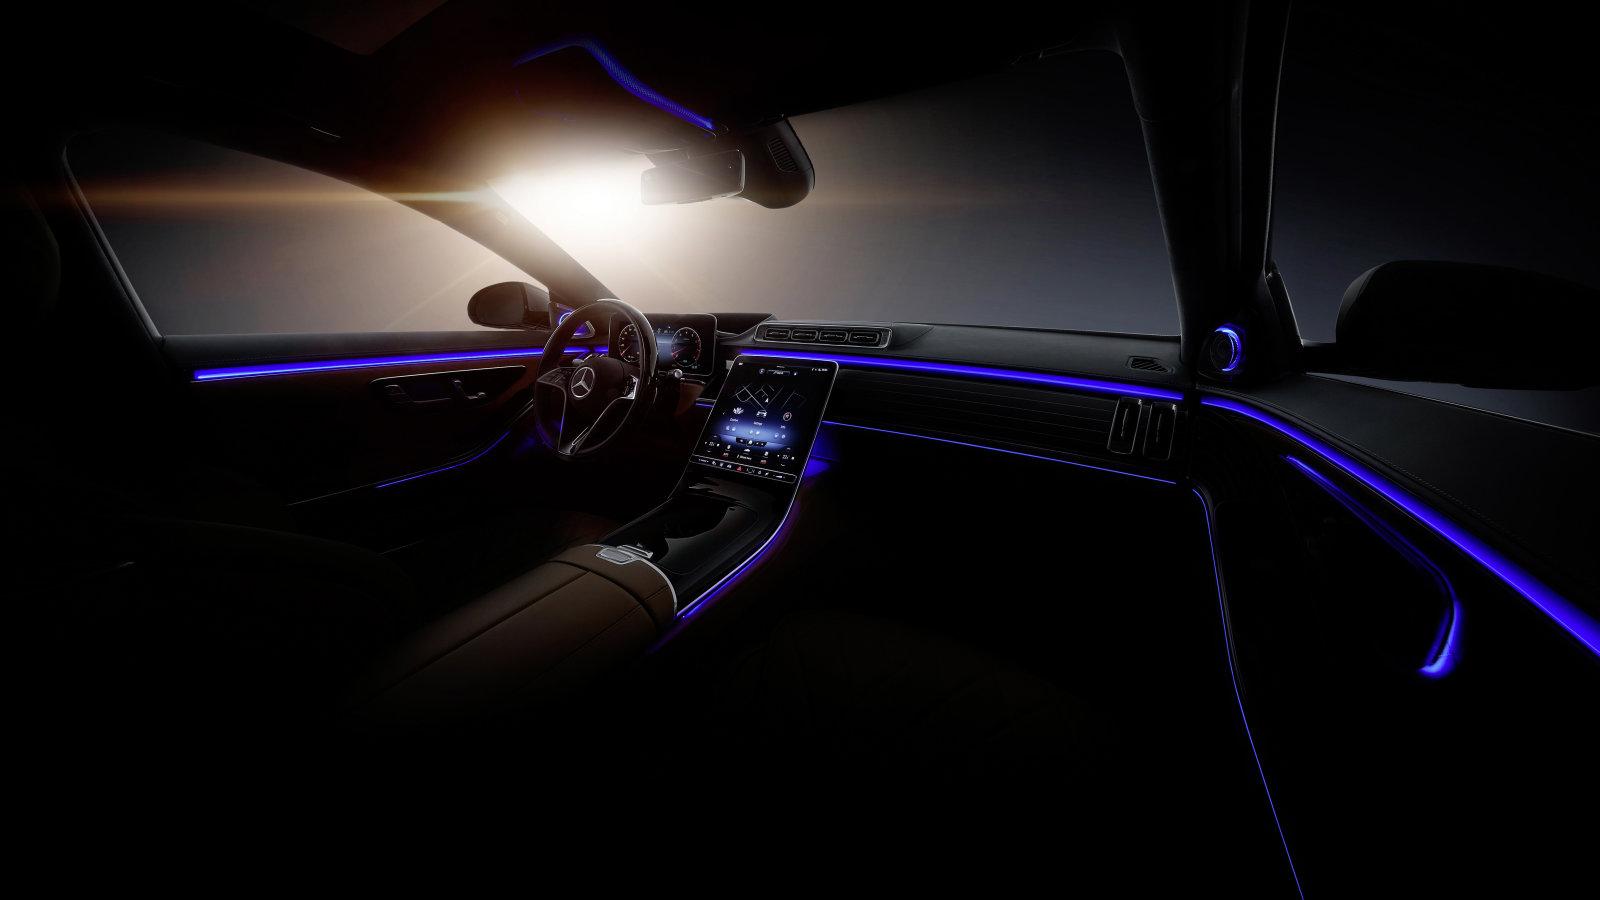 2021 Mercedes-Benz S-Class Technology Deep Dive|It's a chest of technology